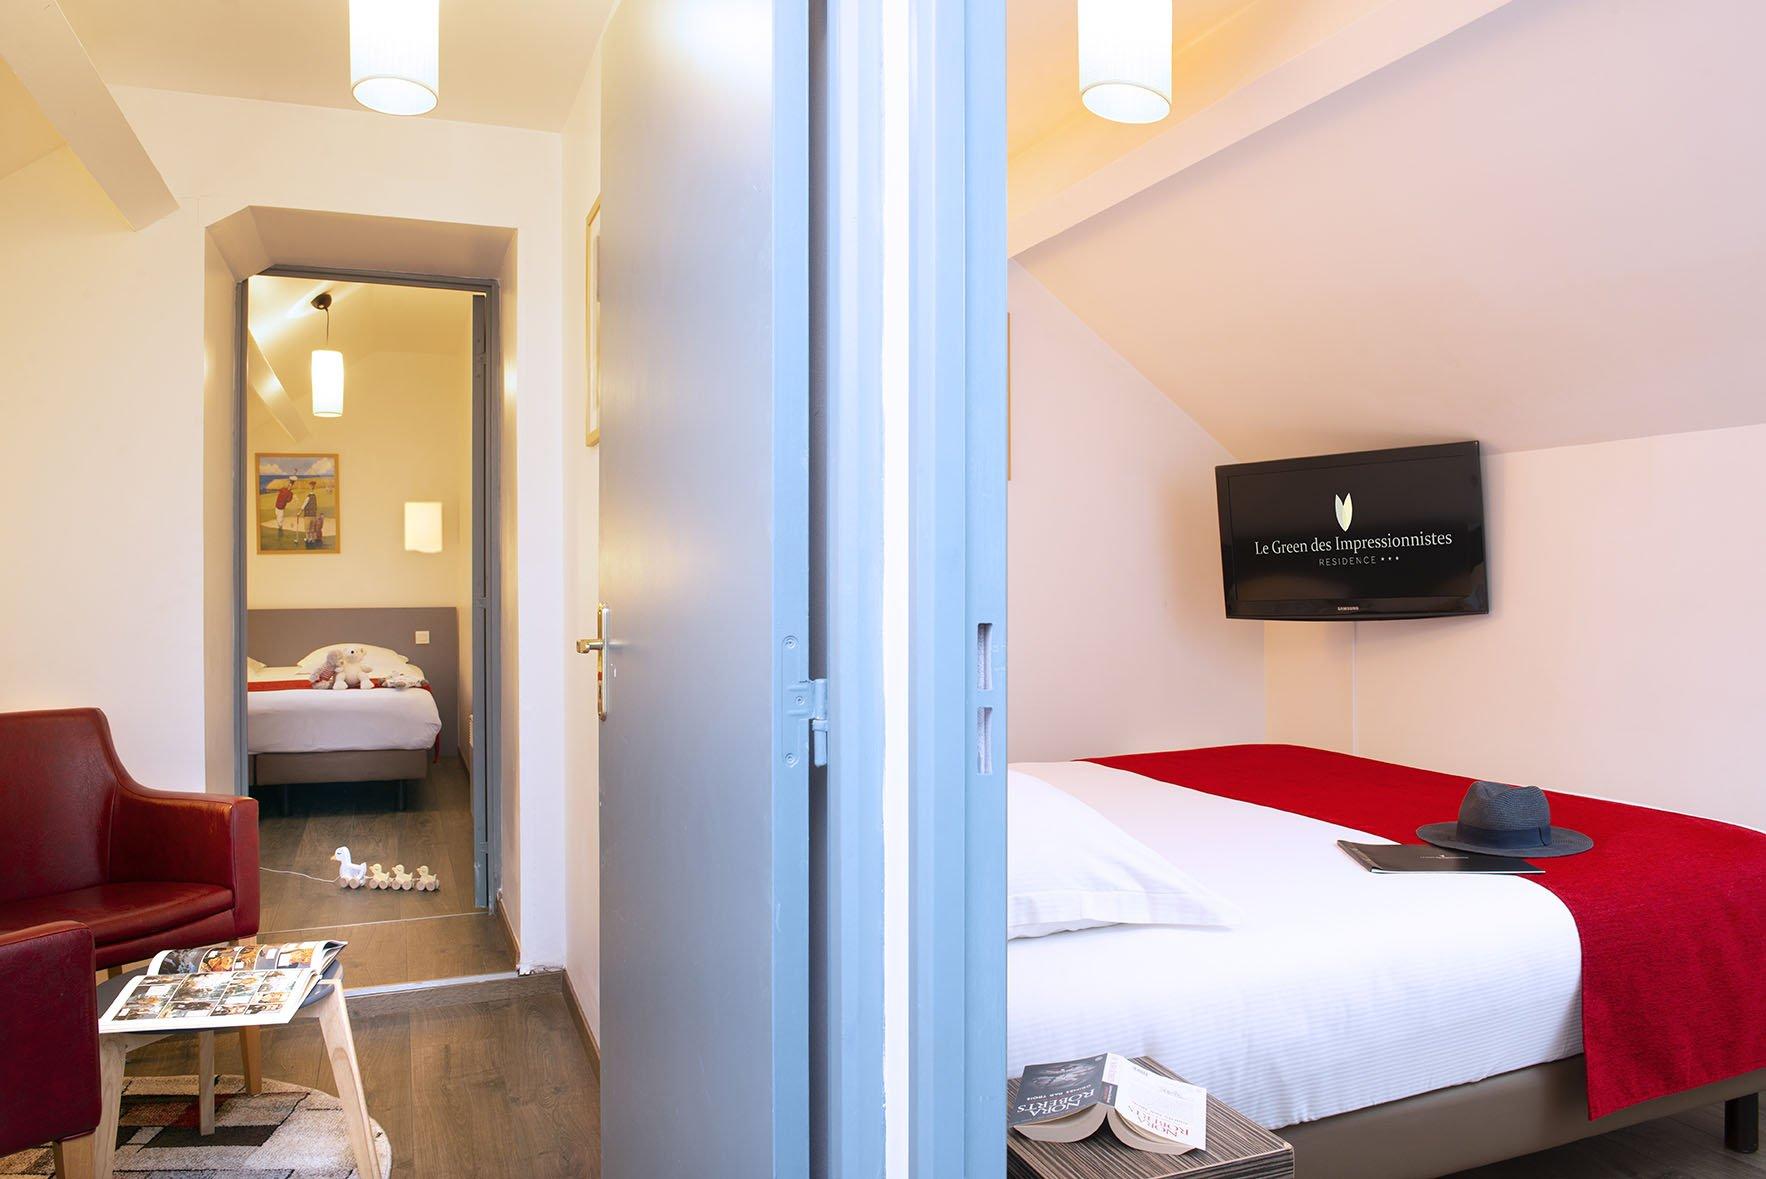 Chambres et coin salon d'un appartement familial du Green des Impressionnistes